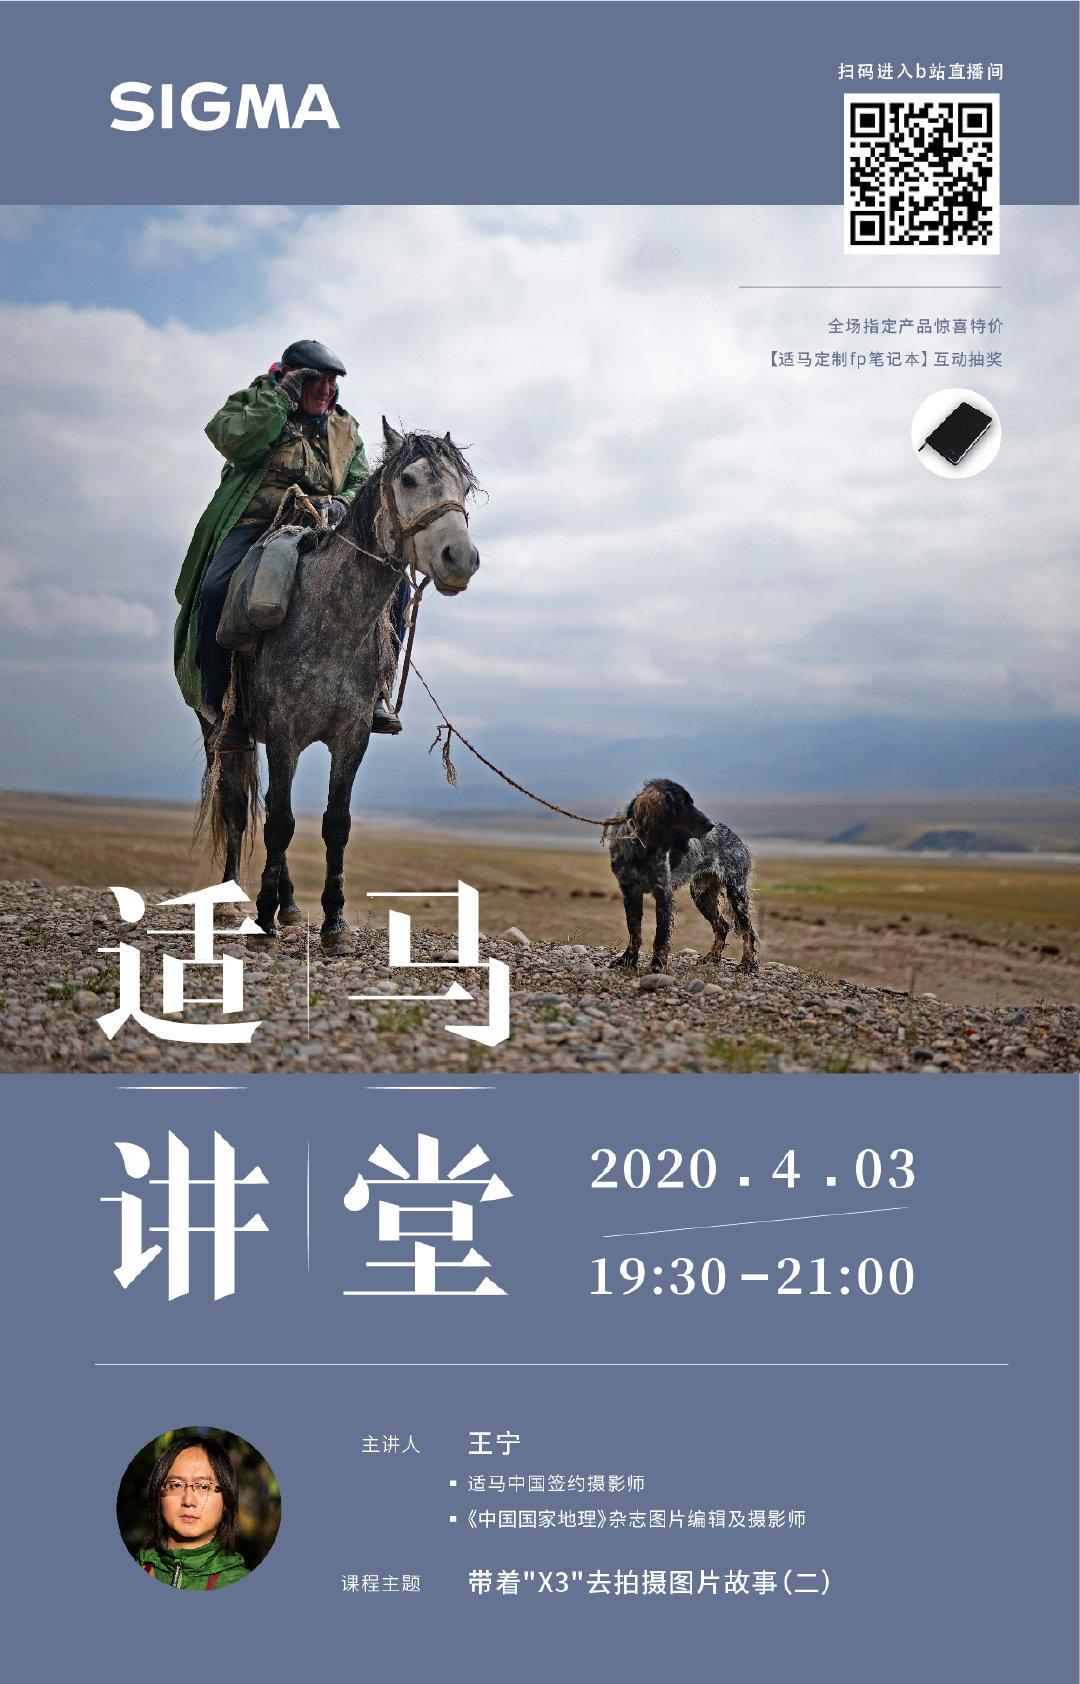 带着X3去拍摄图片故事,适马中国签约摄影师 王宁 主讲